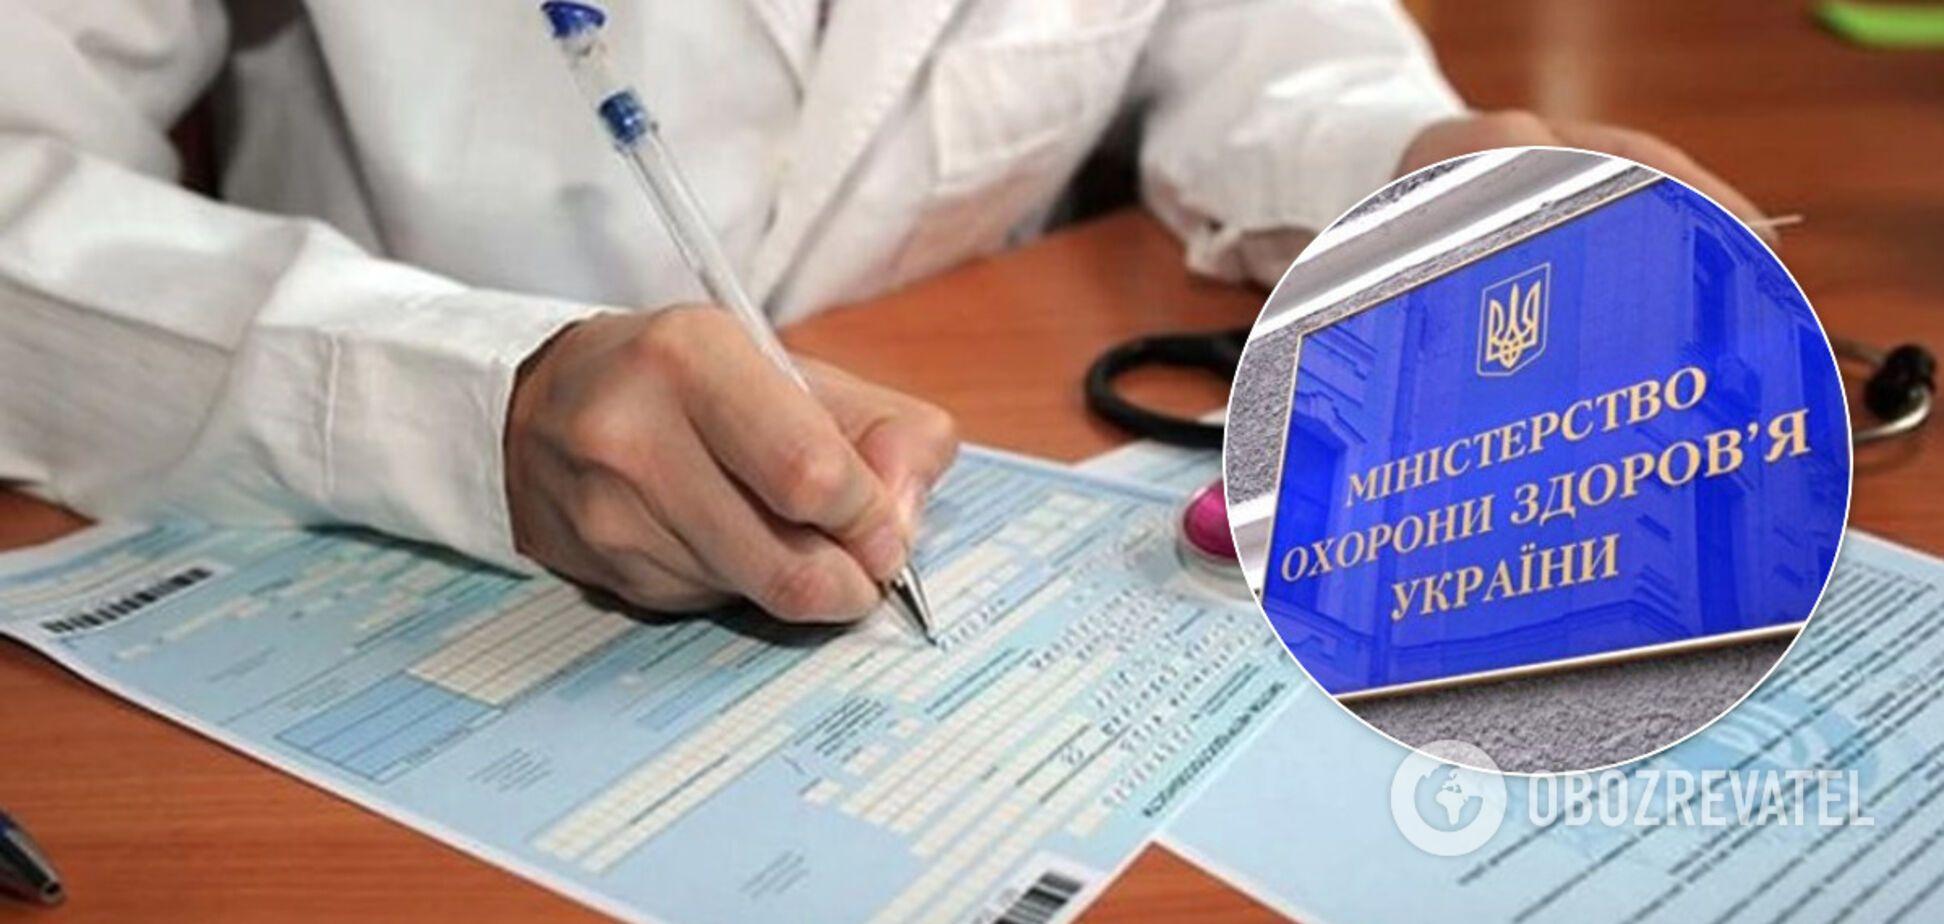 Минздрав разрешил оформлять больничные по телефону: кто сможет получить